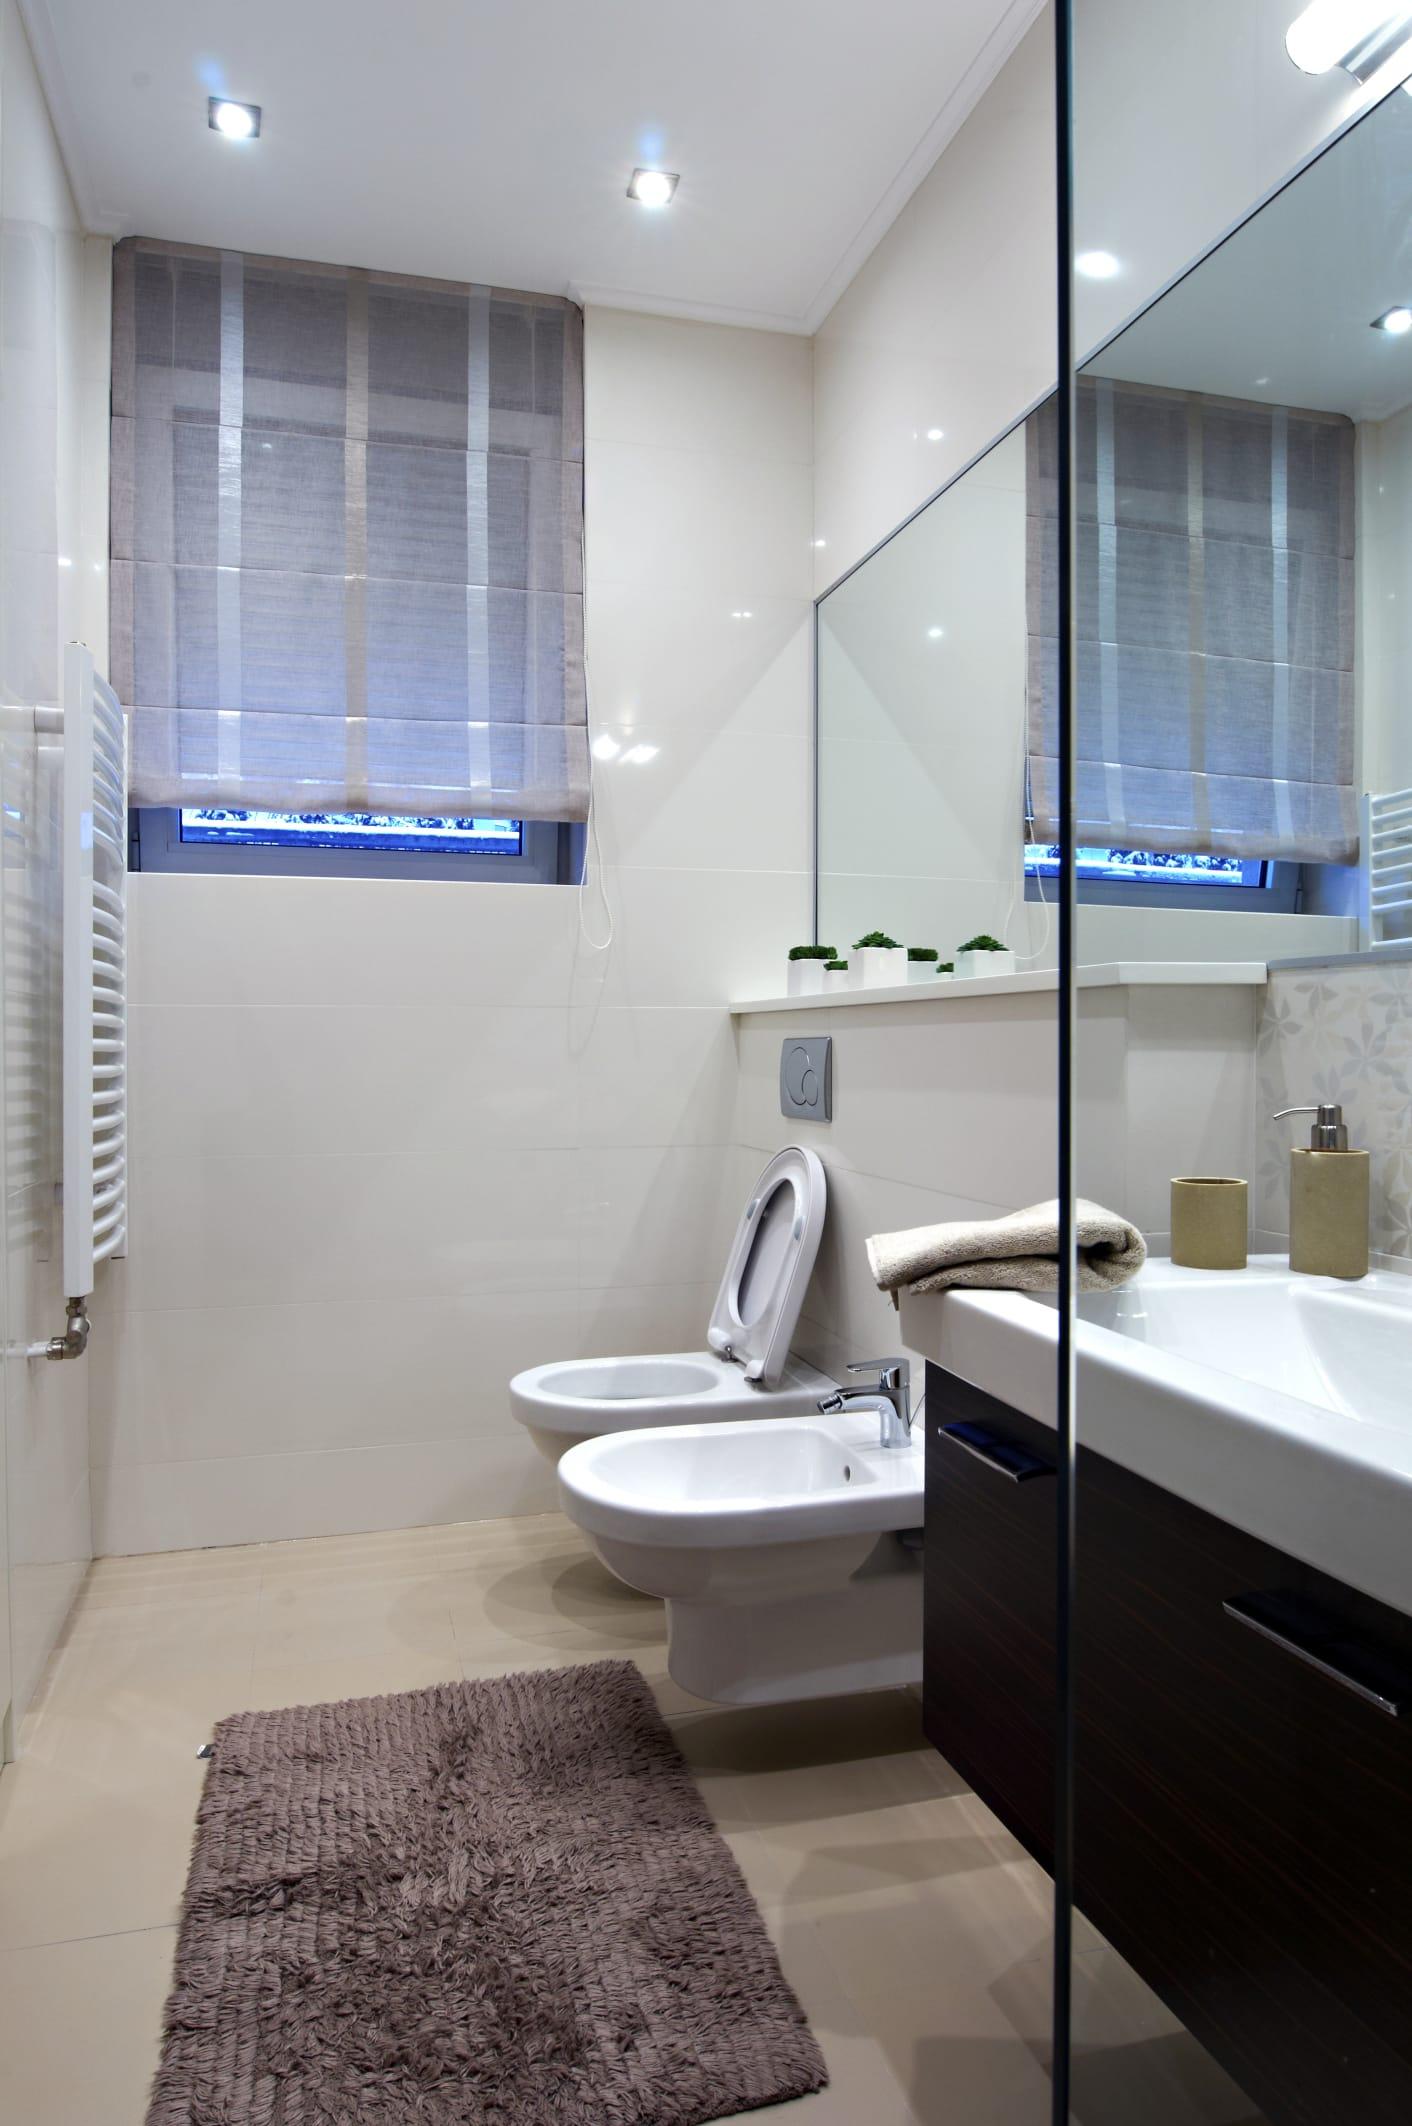 Come ristrutturare il bagno in maniera ecosostenibile non sprecare - Bagno di casa ...